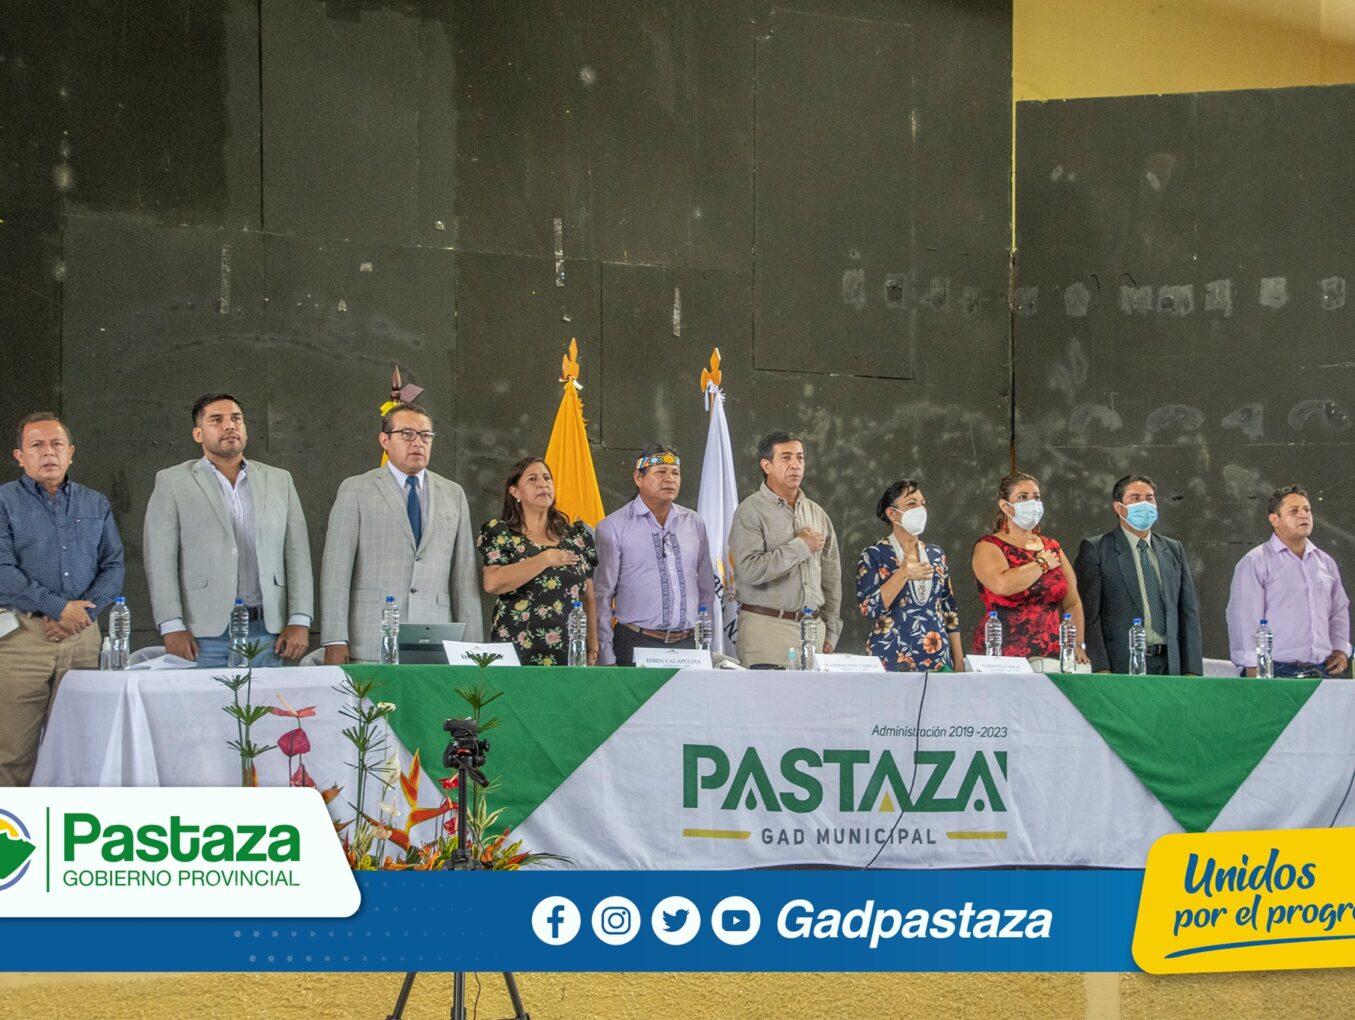 ¡Comisión de la Biodiversidad sesionó en la provincia de Pastaza!